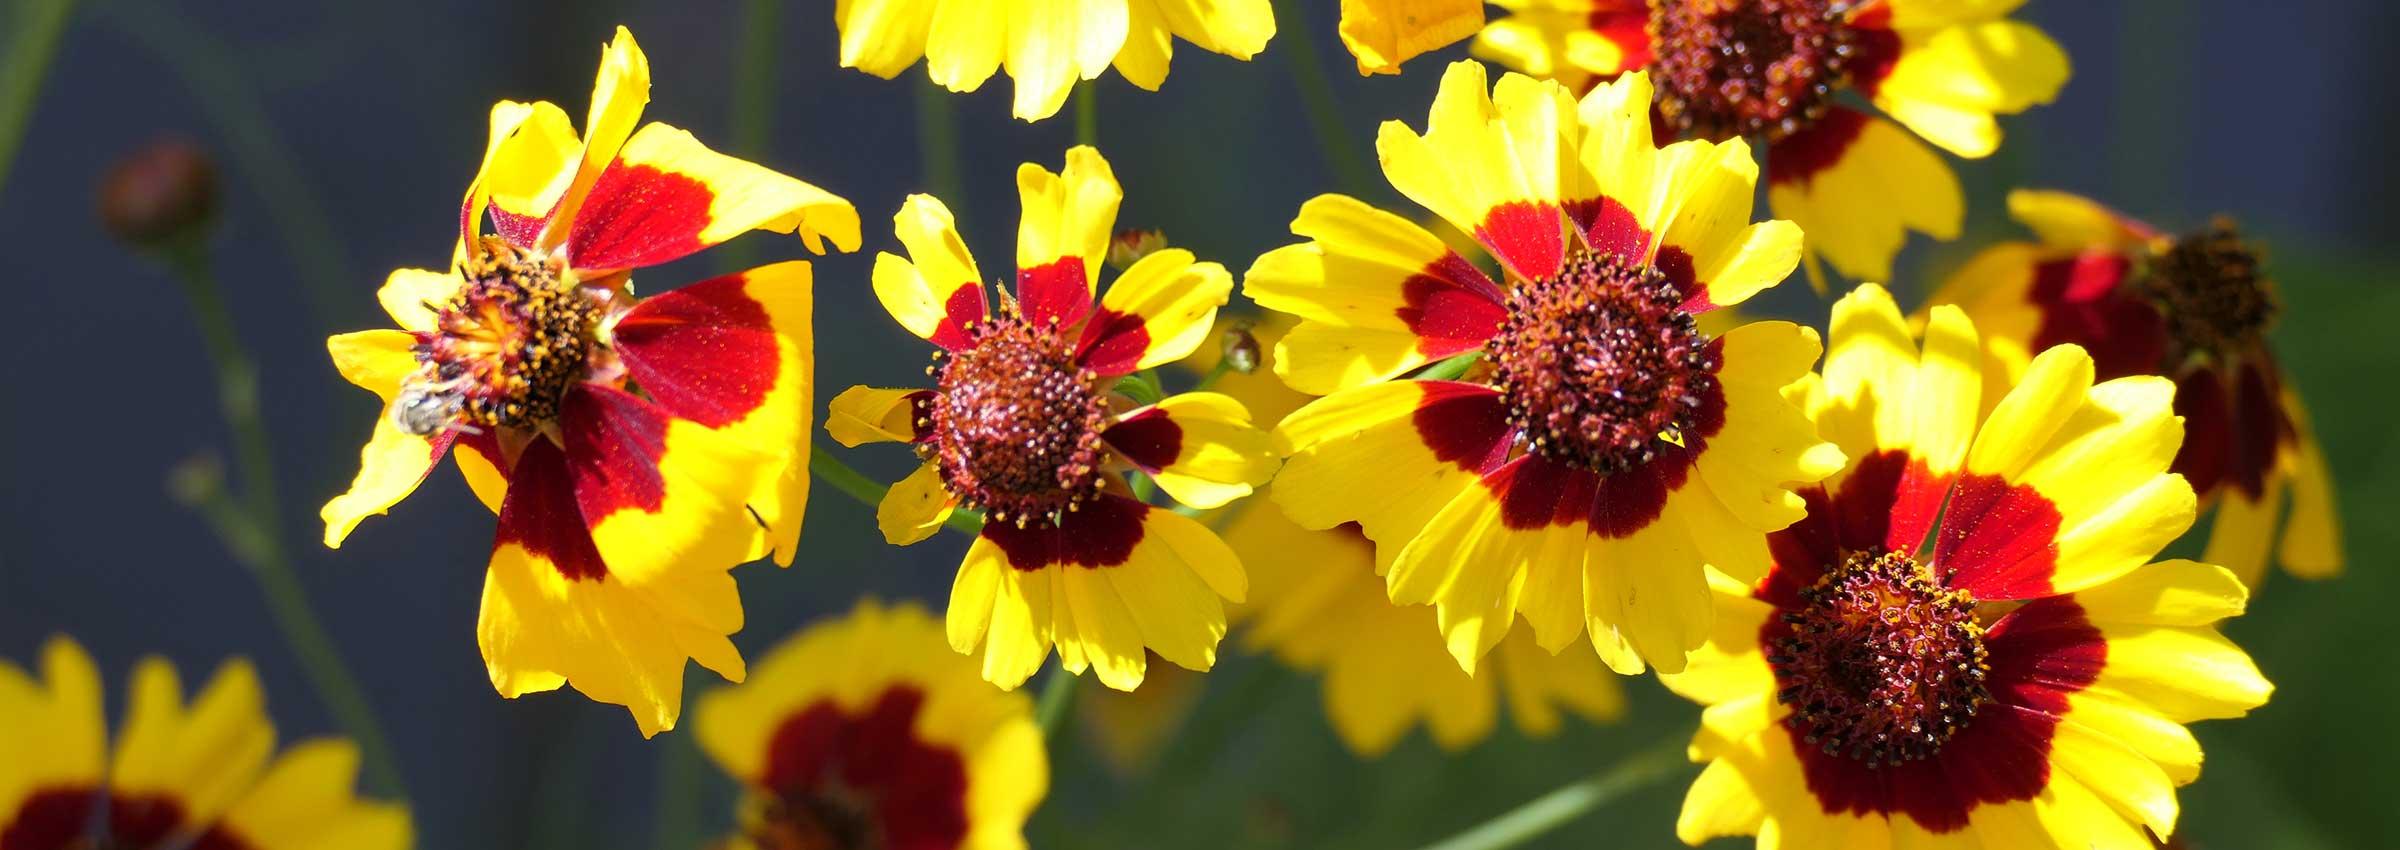 gelb-rote Blüten